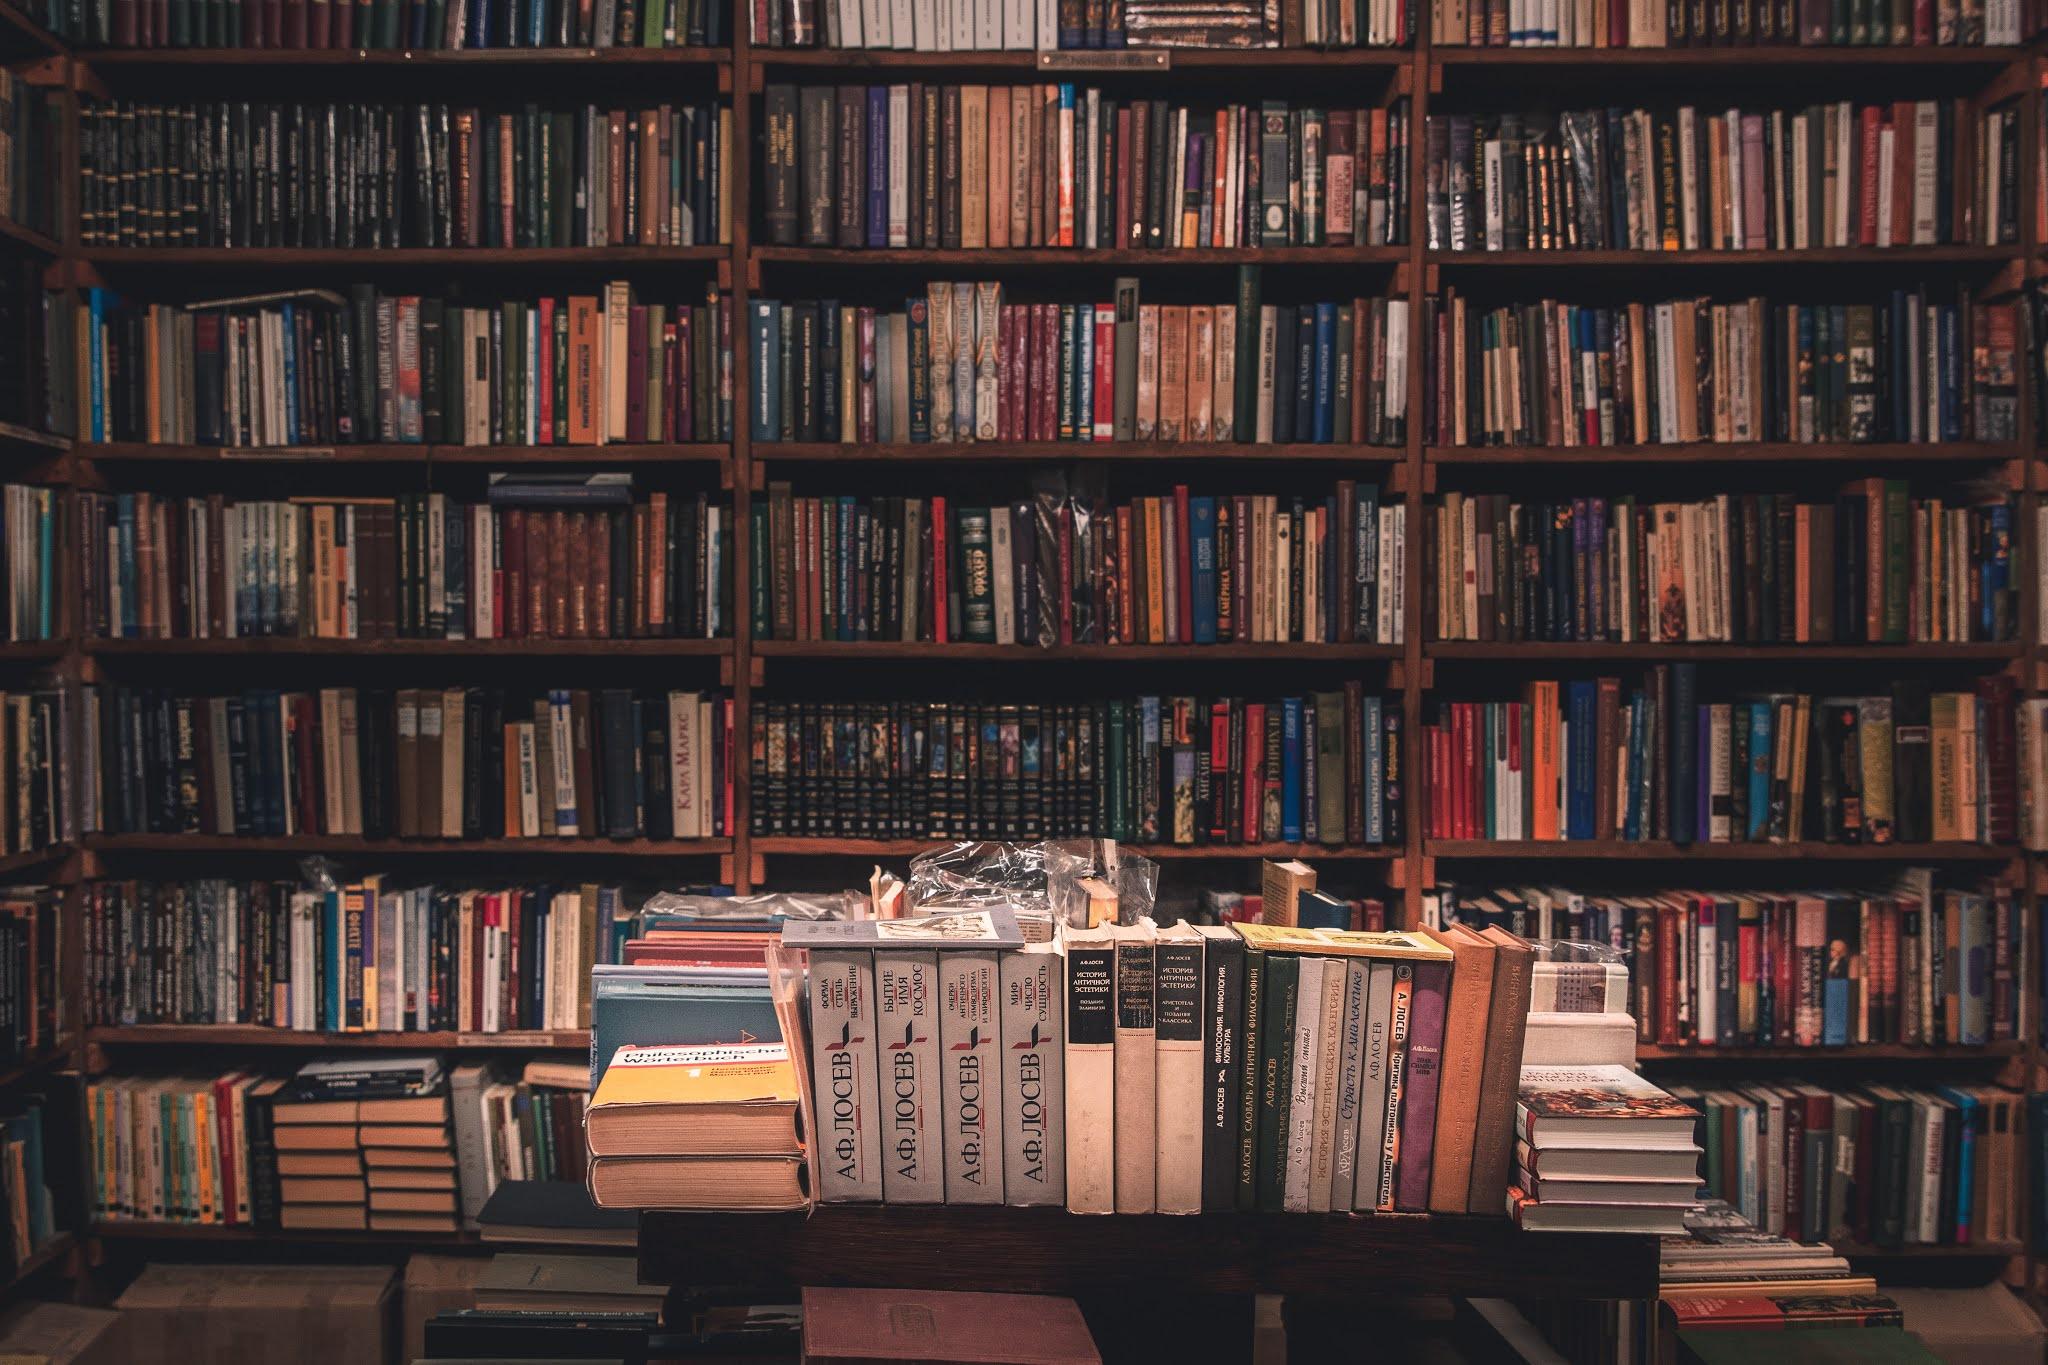 Σύμπραξη Εκδοτών: Τα βιβλιοπωλεία πρέπει να παραμείνουν ανοιχτά